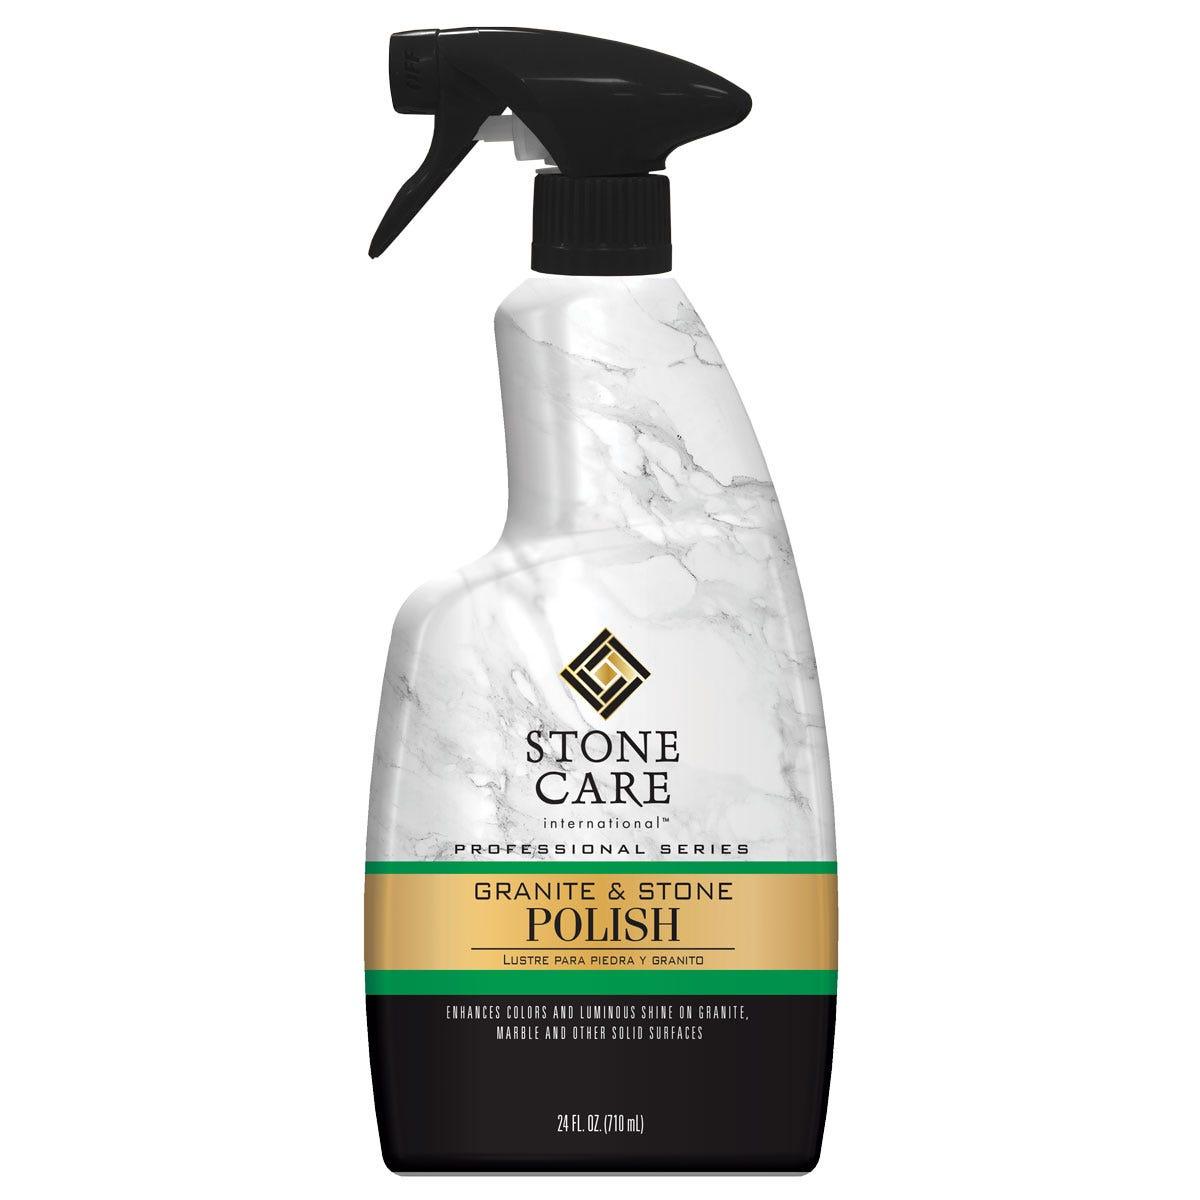 Granite Polish